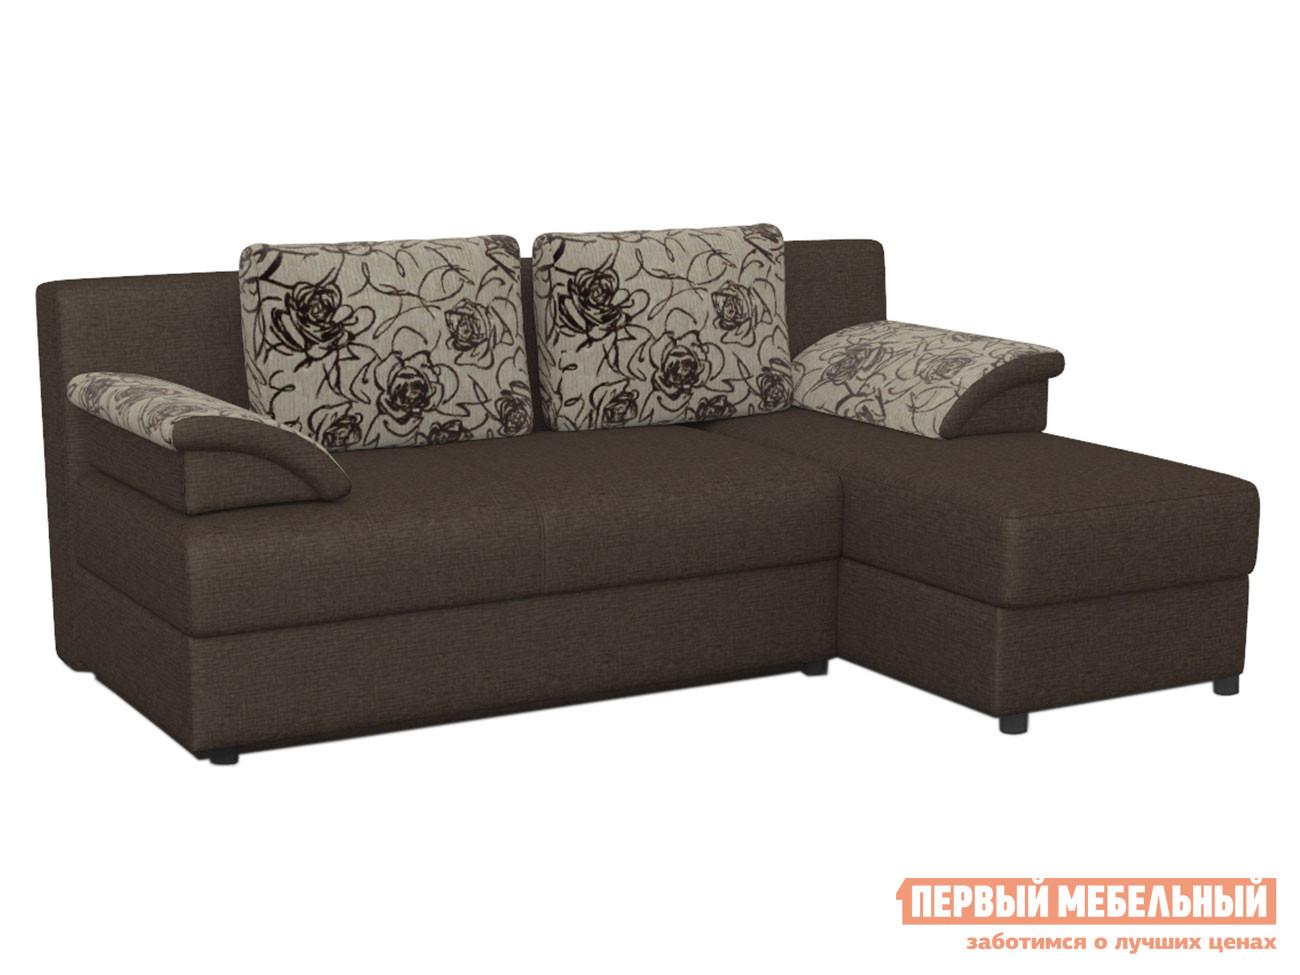 Угловой диван Диван Лира угловой без боковин Модерн коричневый (1 кат.), рогожка / Rose 2 (1 кат.), рогожка фото